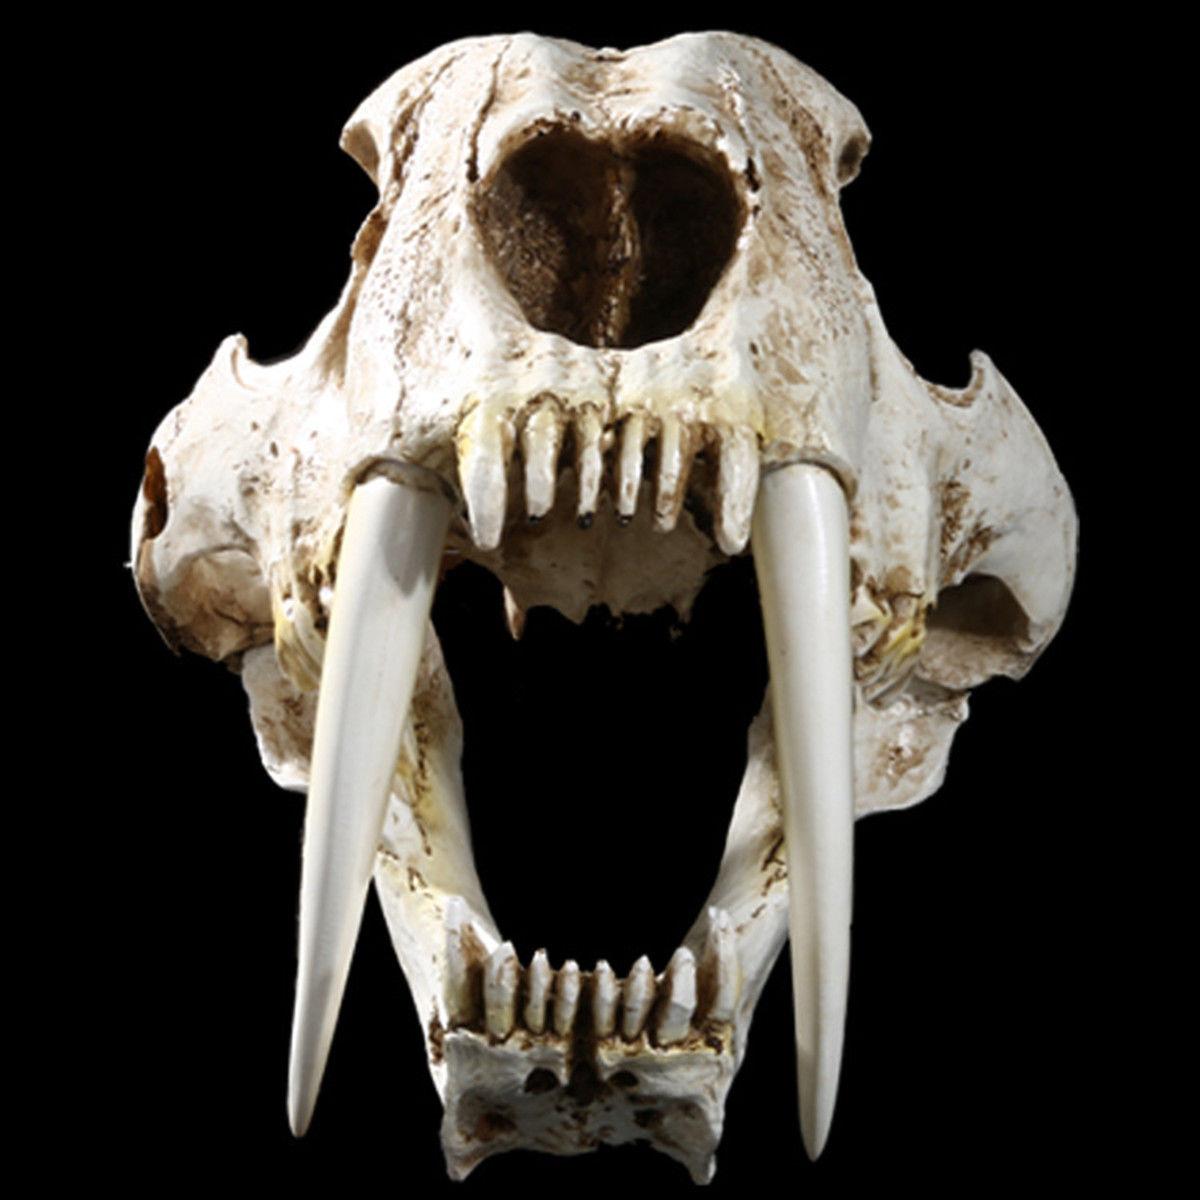 """13"""" Saber-toothed Tiger Skull Model Decoration Prop Animal Model Figure Ancient Biological Adult Kids Collection Gift Home Decor"""